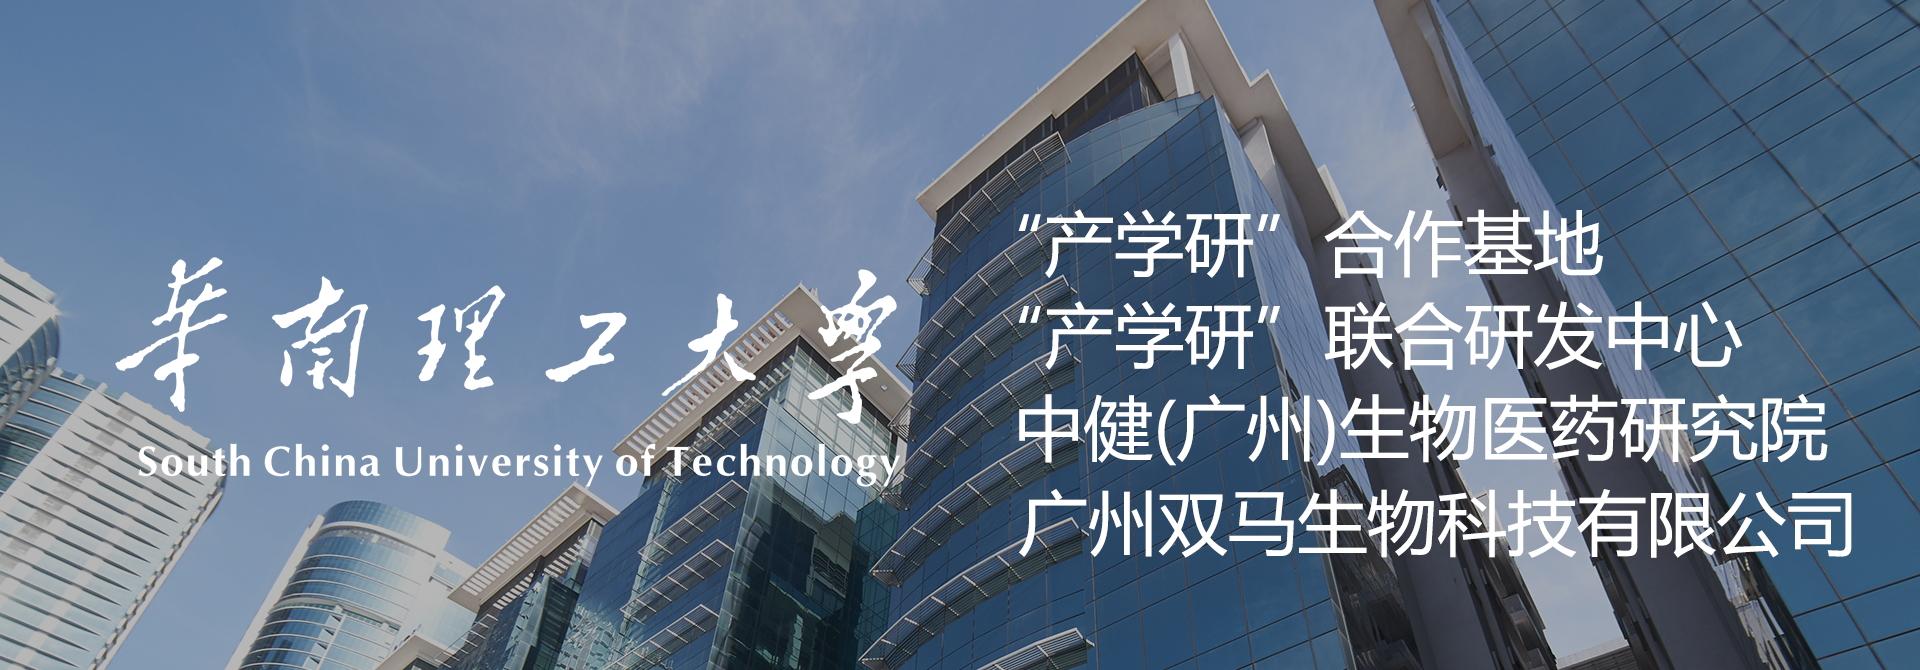 華南理工大學,產學研合作基地